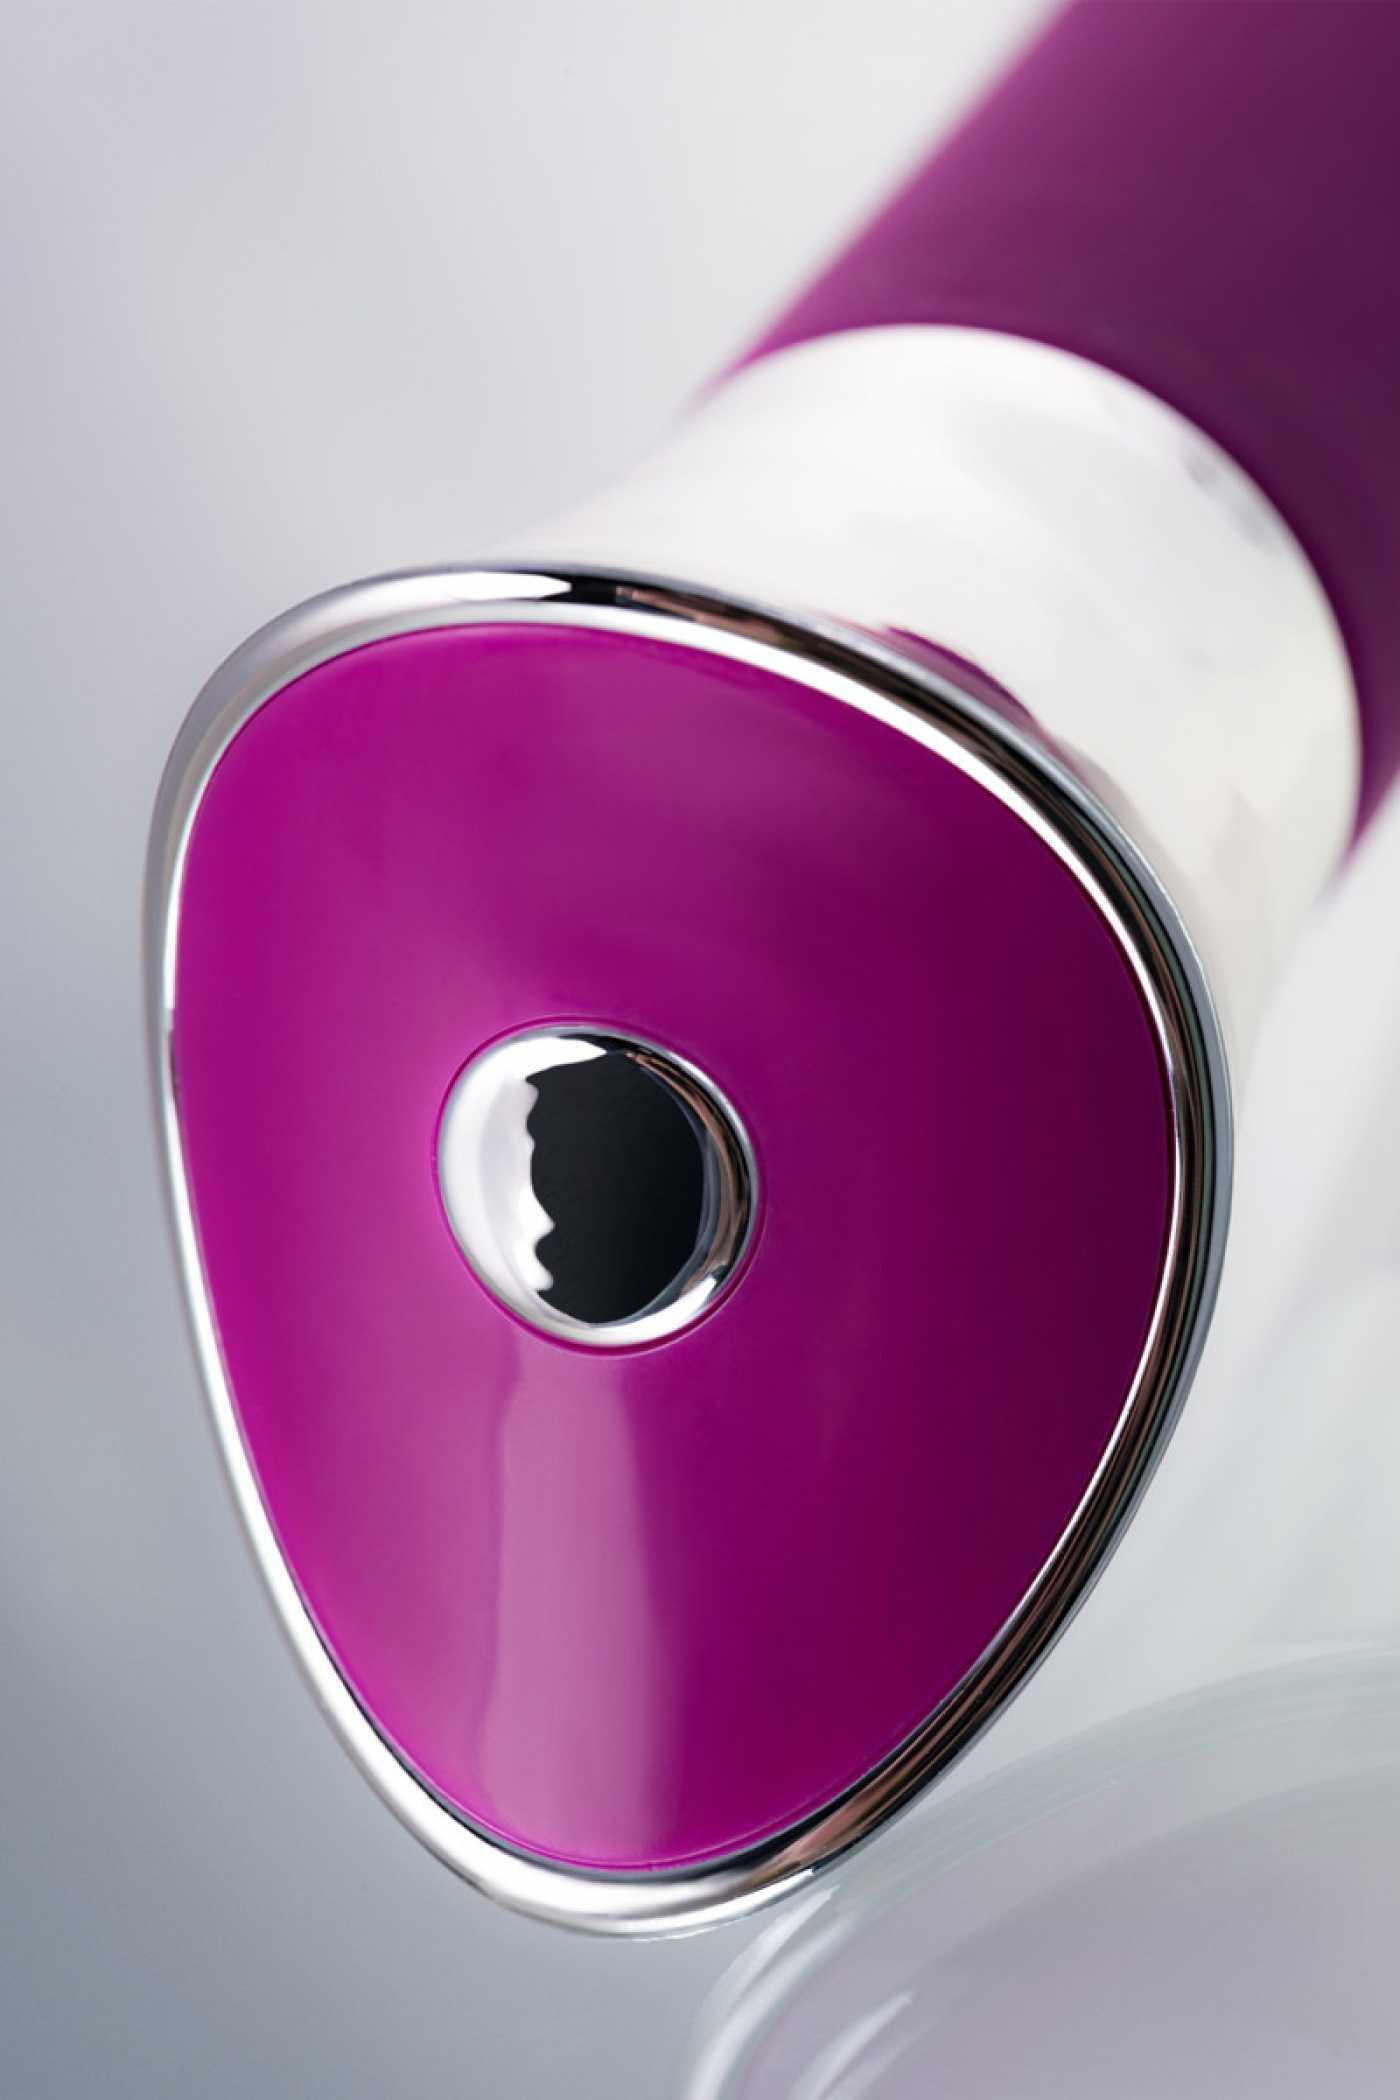 Стимулятор для точки G JOS KIKI с волнообразным рельефом, рабочая длина 17,4 см, диаметр 3,3 см